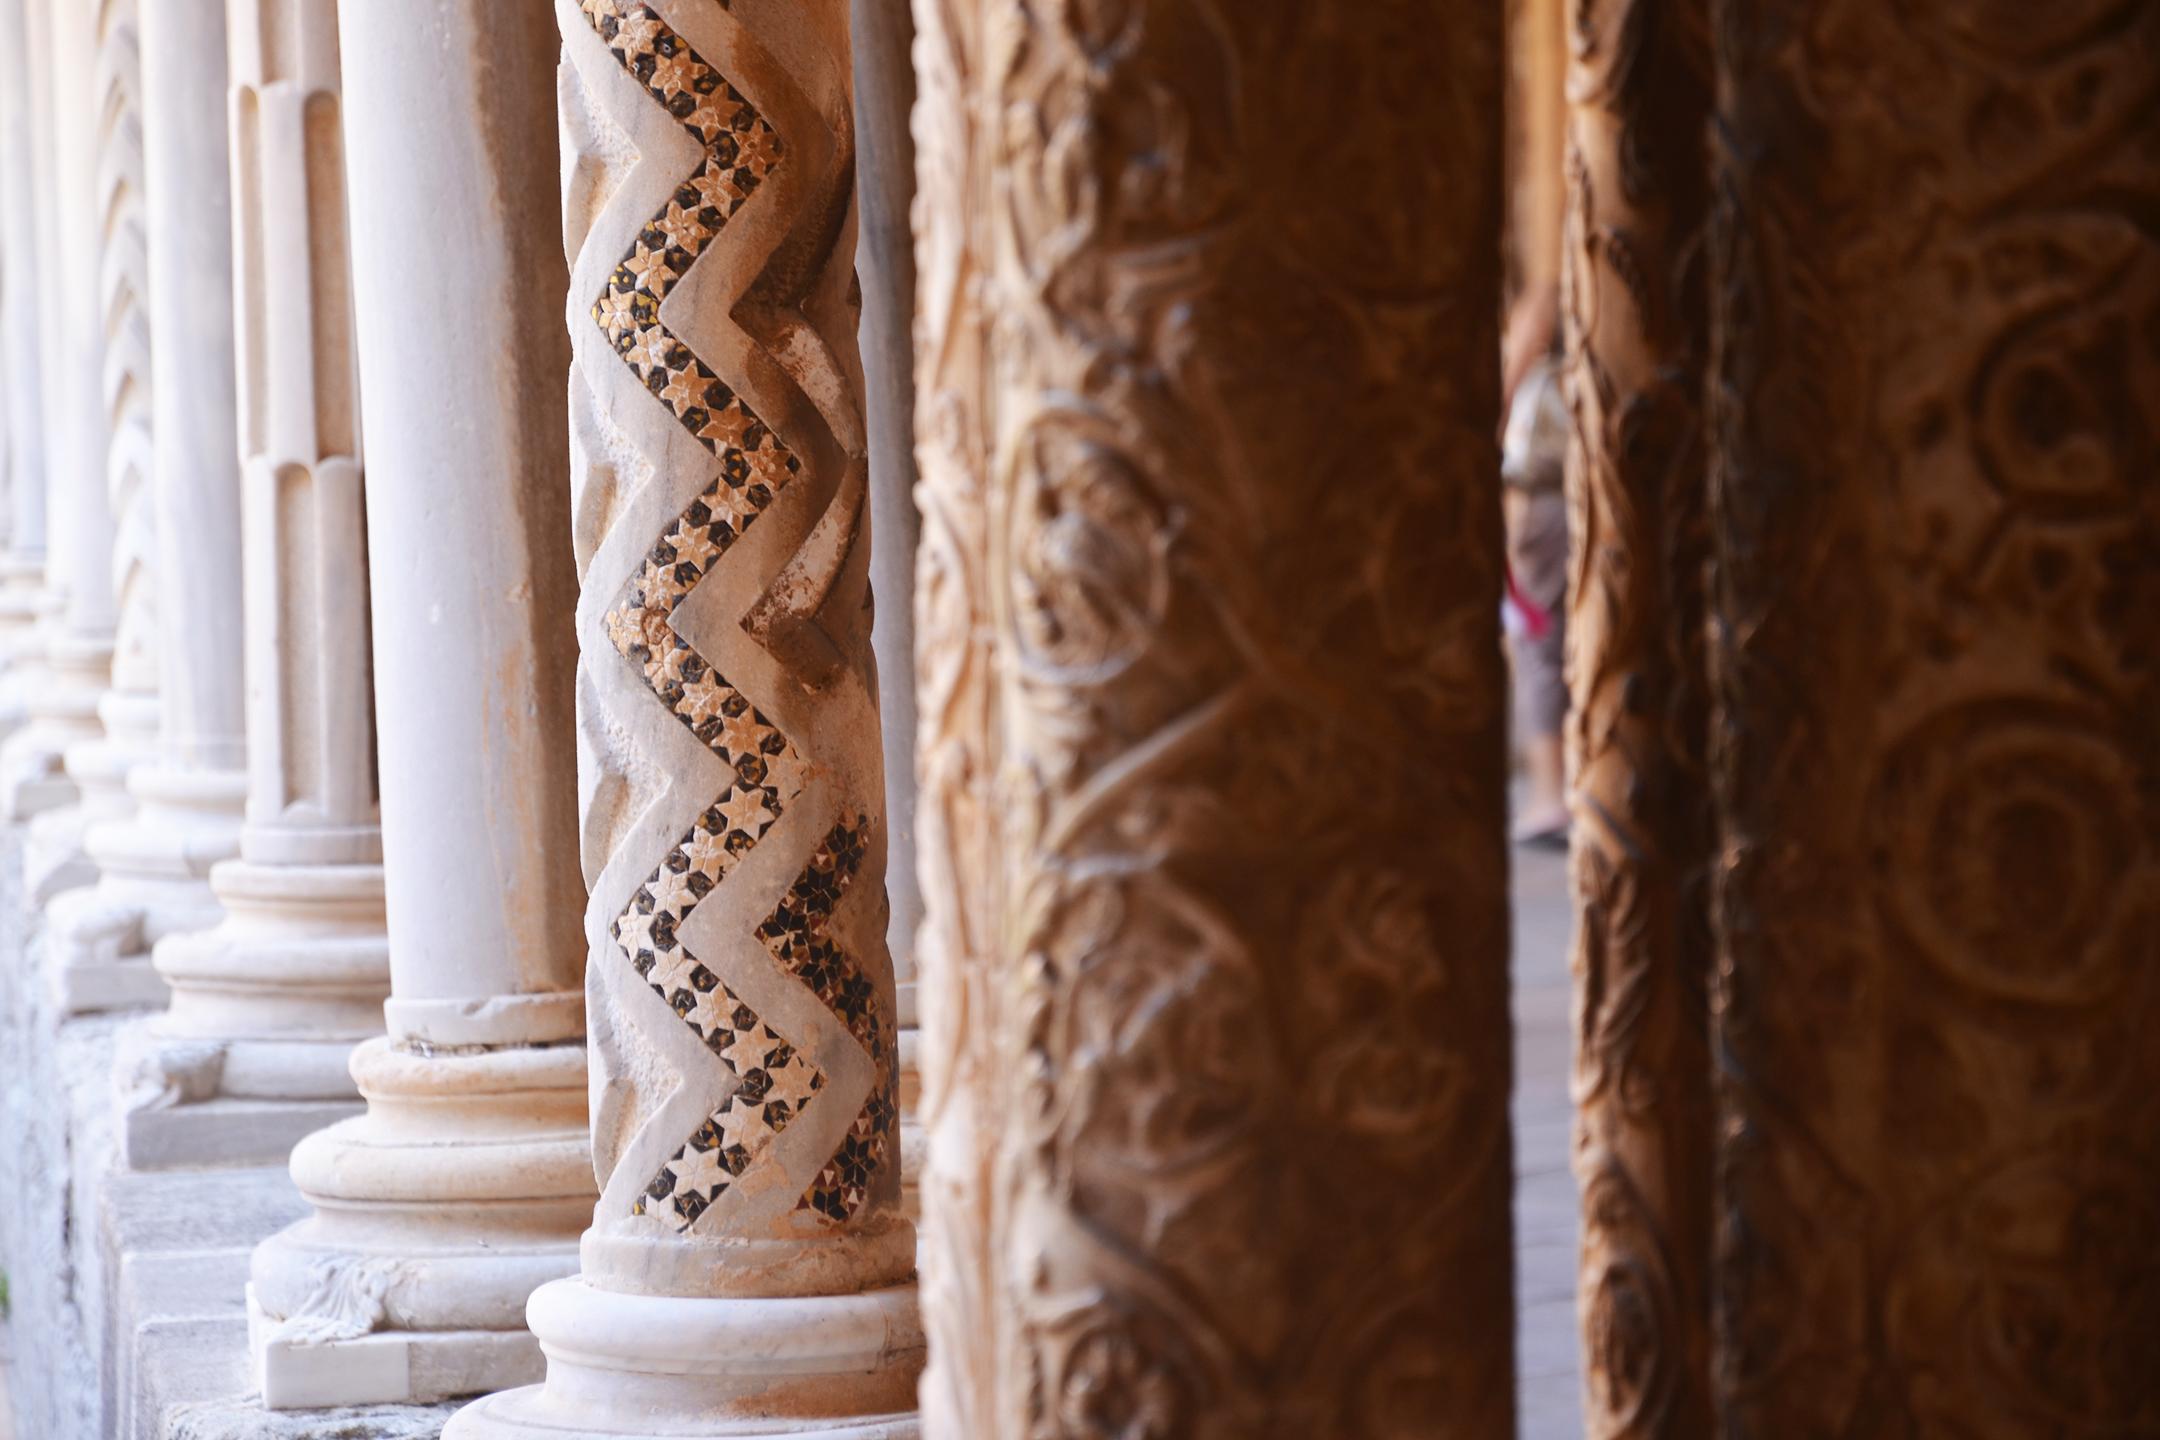 alessia-canella-sicilia-monreale-cattedrale-colonne-dorate